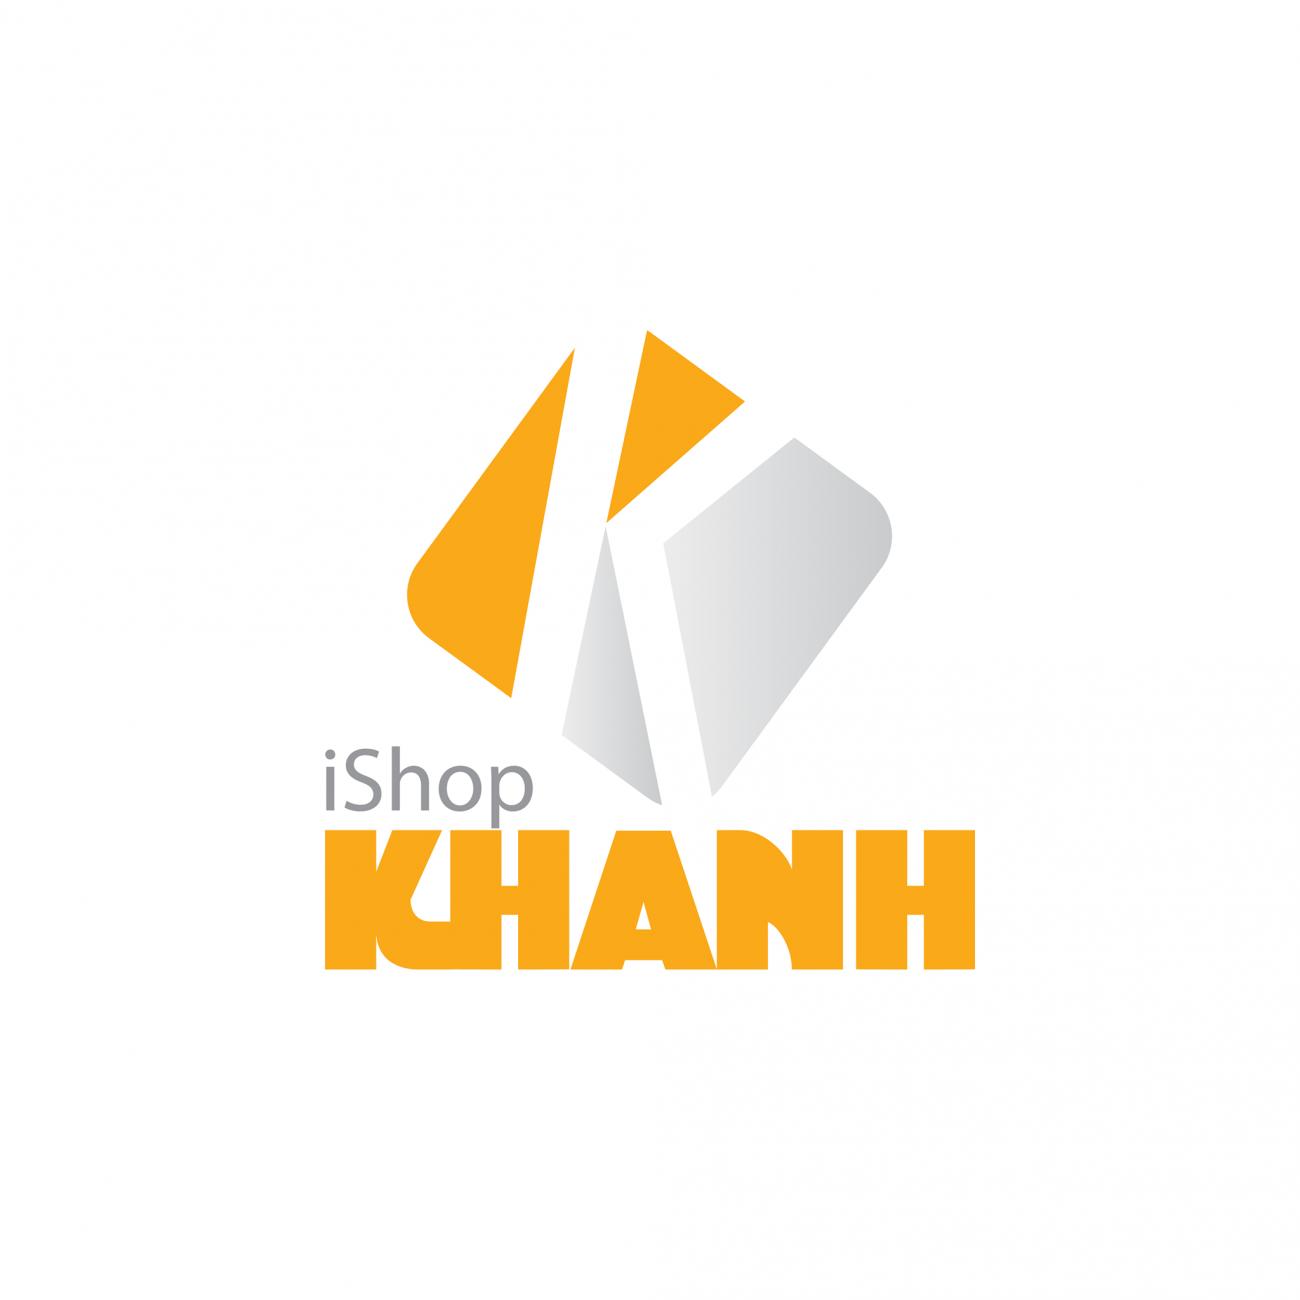 Cửa hàng sửa chữa điện thoại Khanhishop